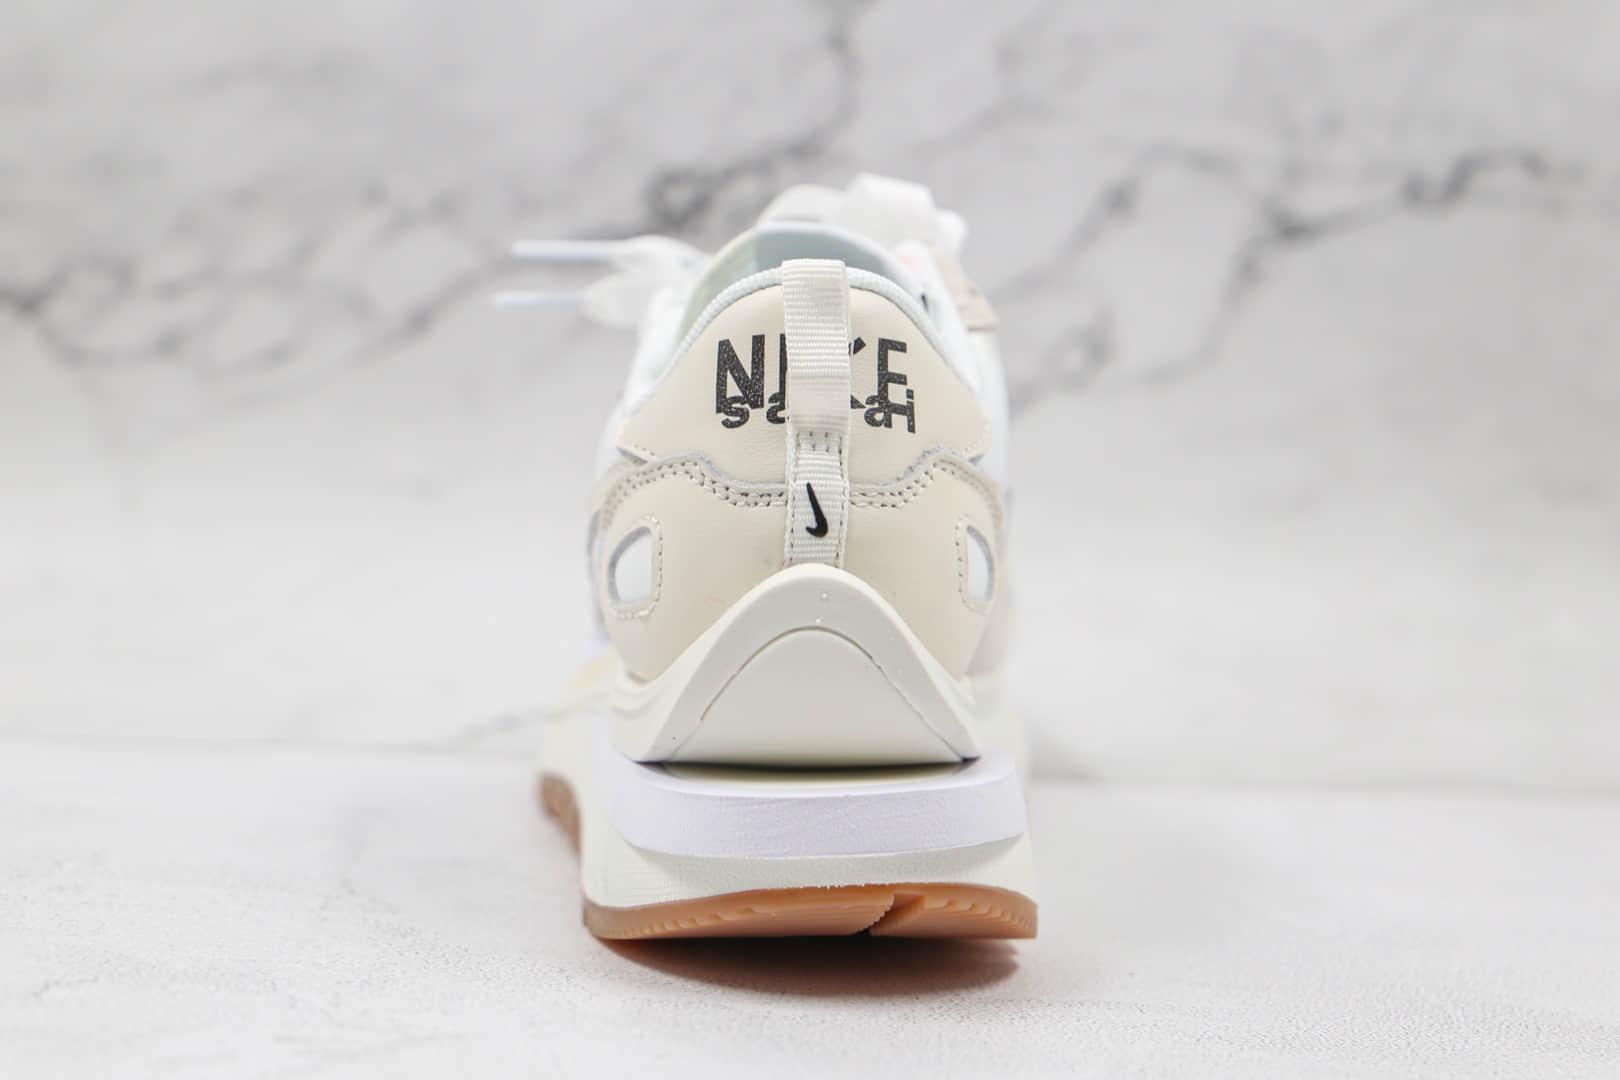 耐克Nike regasus vaporrly SP x Sacai联名款纯原版本华夫二代白色解构鞋原档案数据开发 货号:DD1875-100